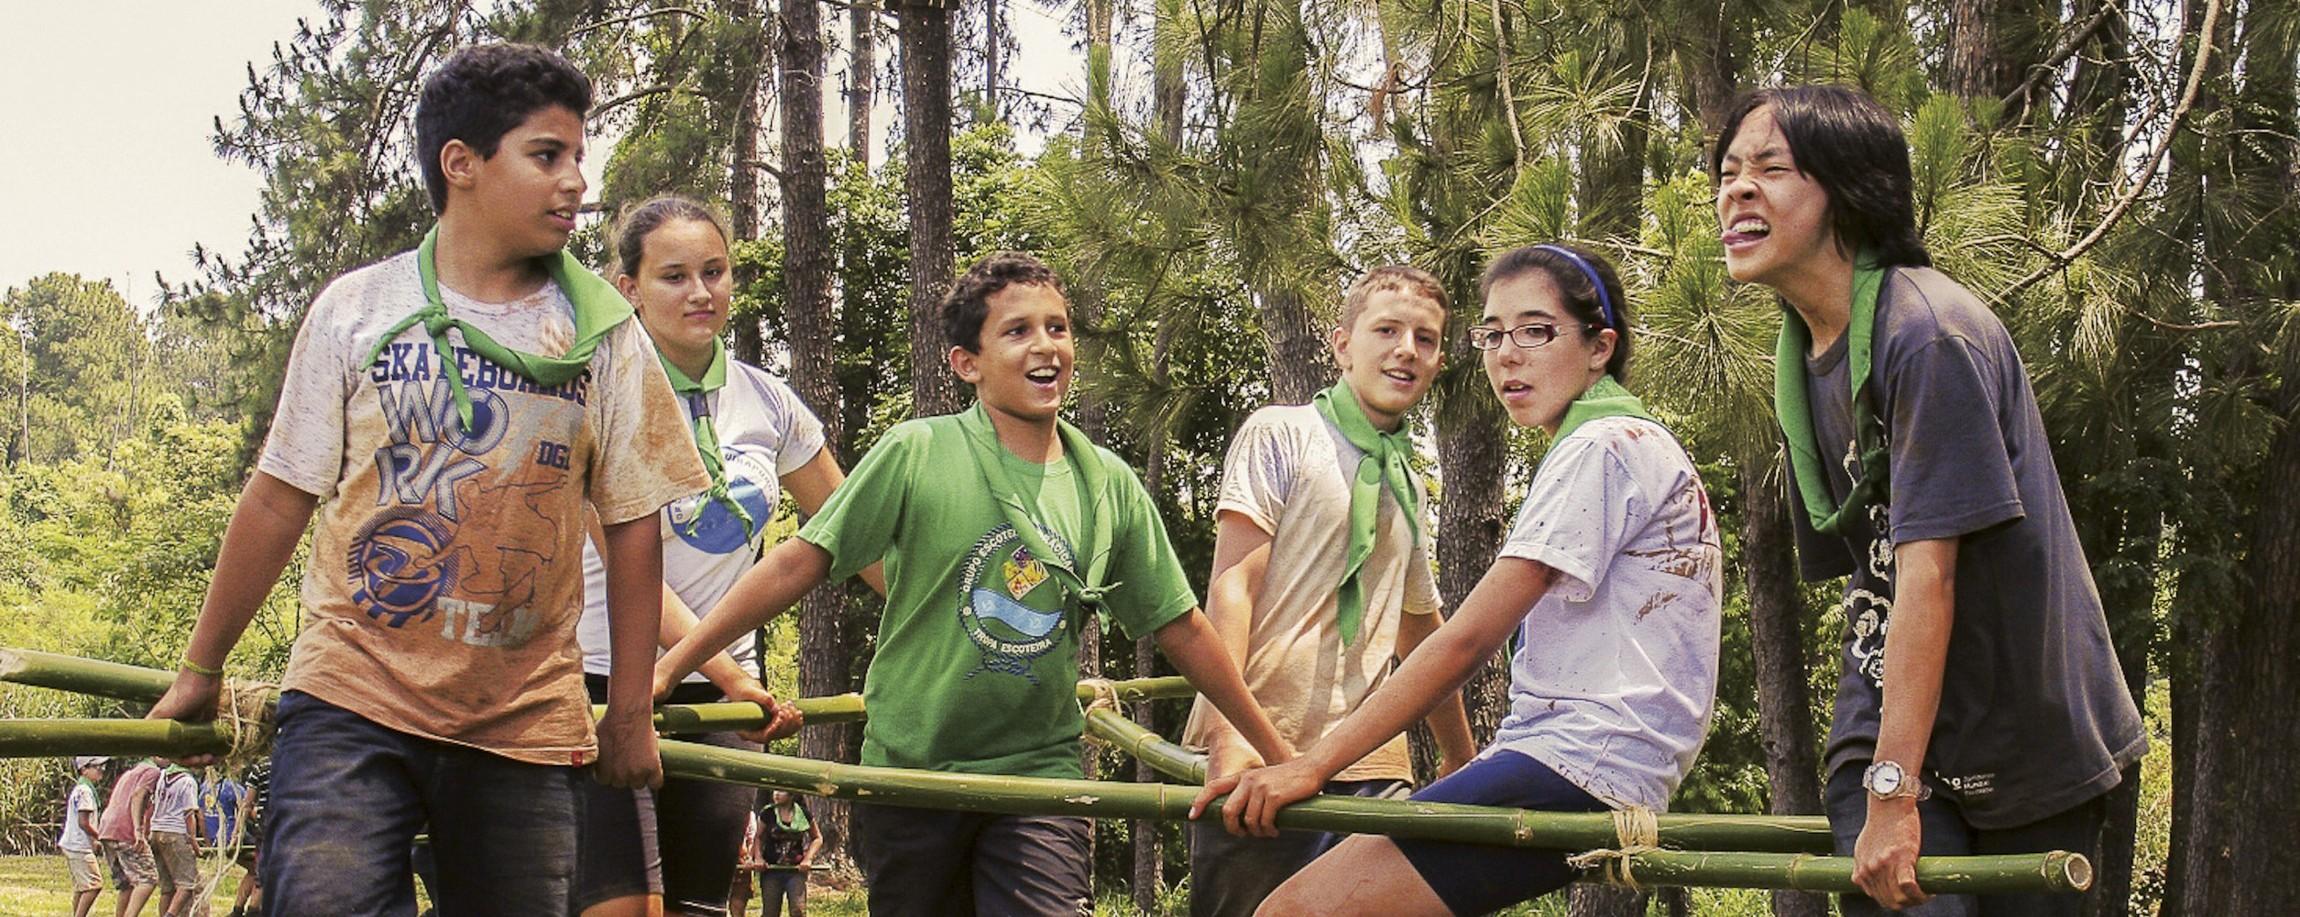 escoteiros_do_brasil_2-e1454689384220-